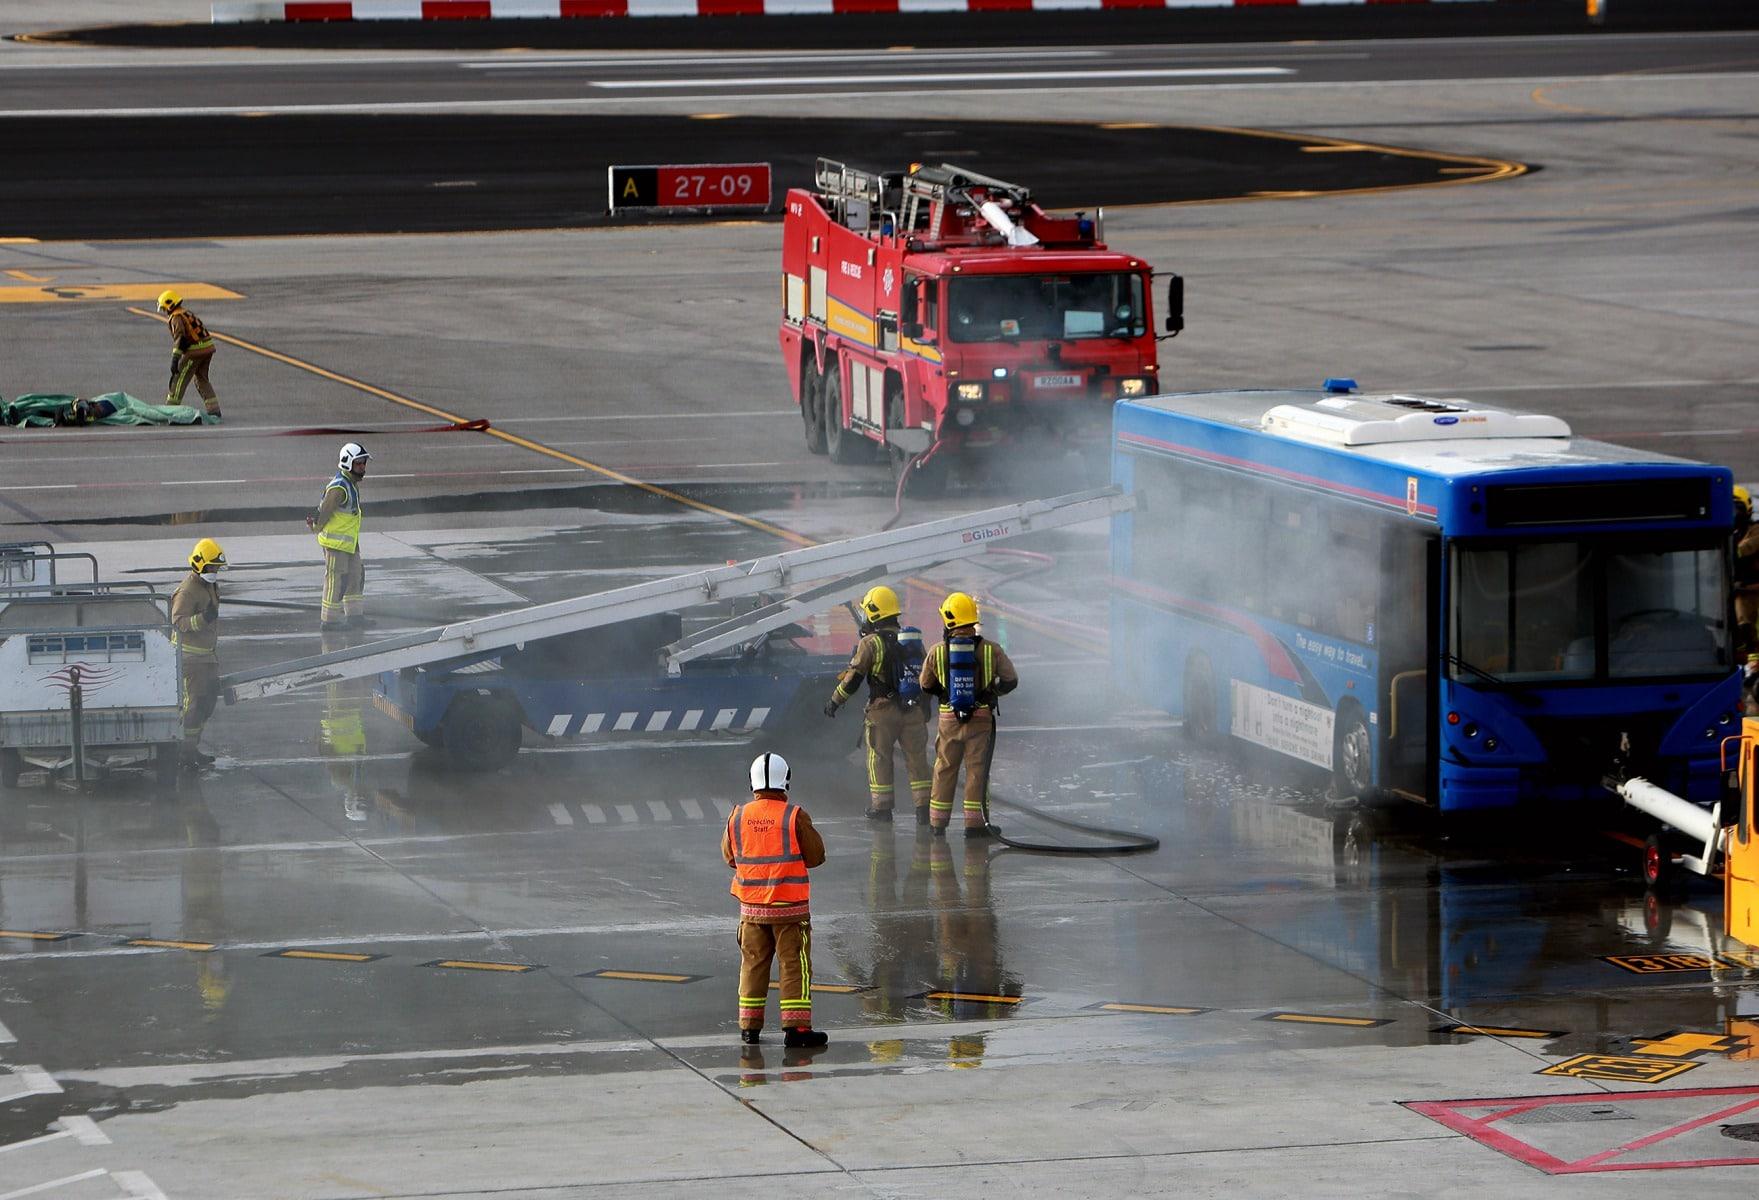 09-feb-2016-simulacro-de-incidente-en-el-aeropuerto-de-gibraltar09-feb-2016-simulacro-de-incidente-en-el-aeropuerto-de-gibraltar_24888687076_o